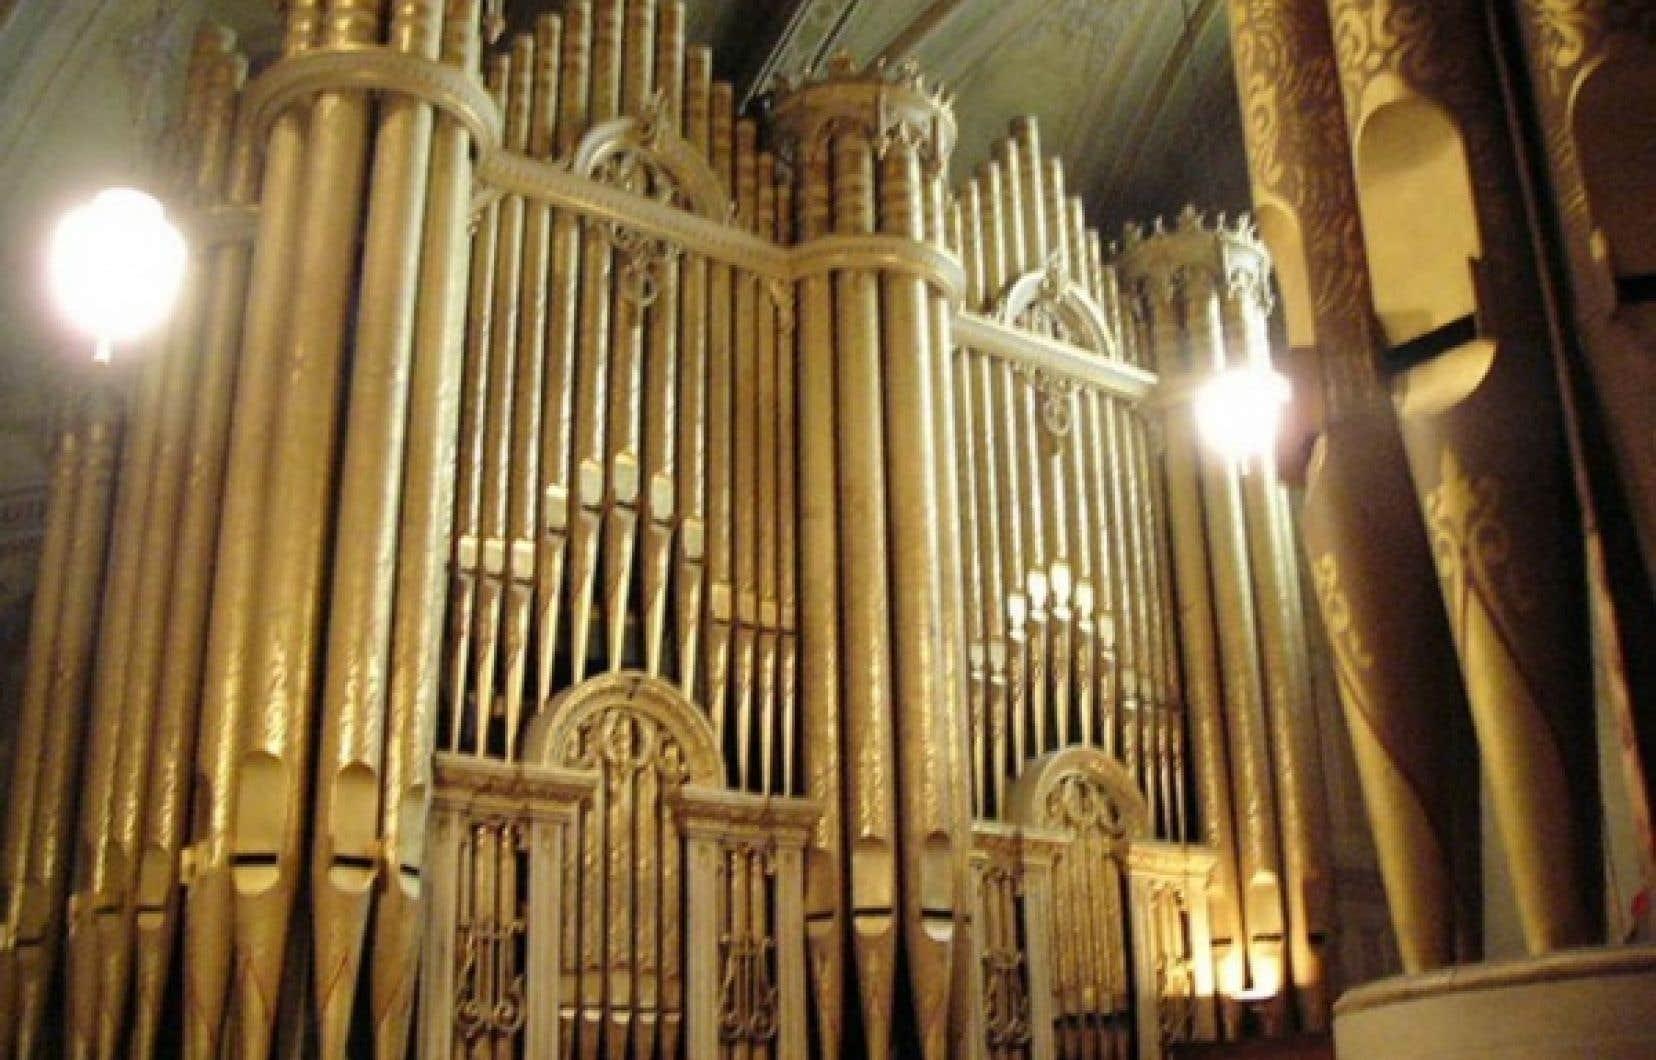 Sur la photo un des intruments célèbres de la Maison Casavant, l'orgue de l'église Très-Saint-Nom-de-Jésus à Montréal